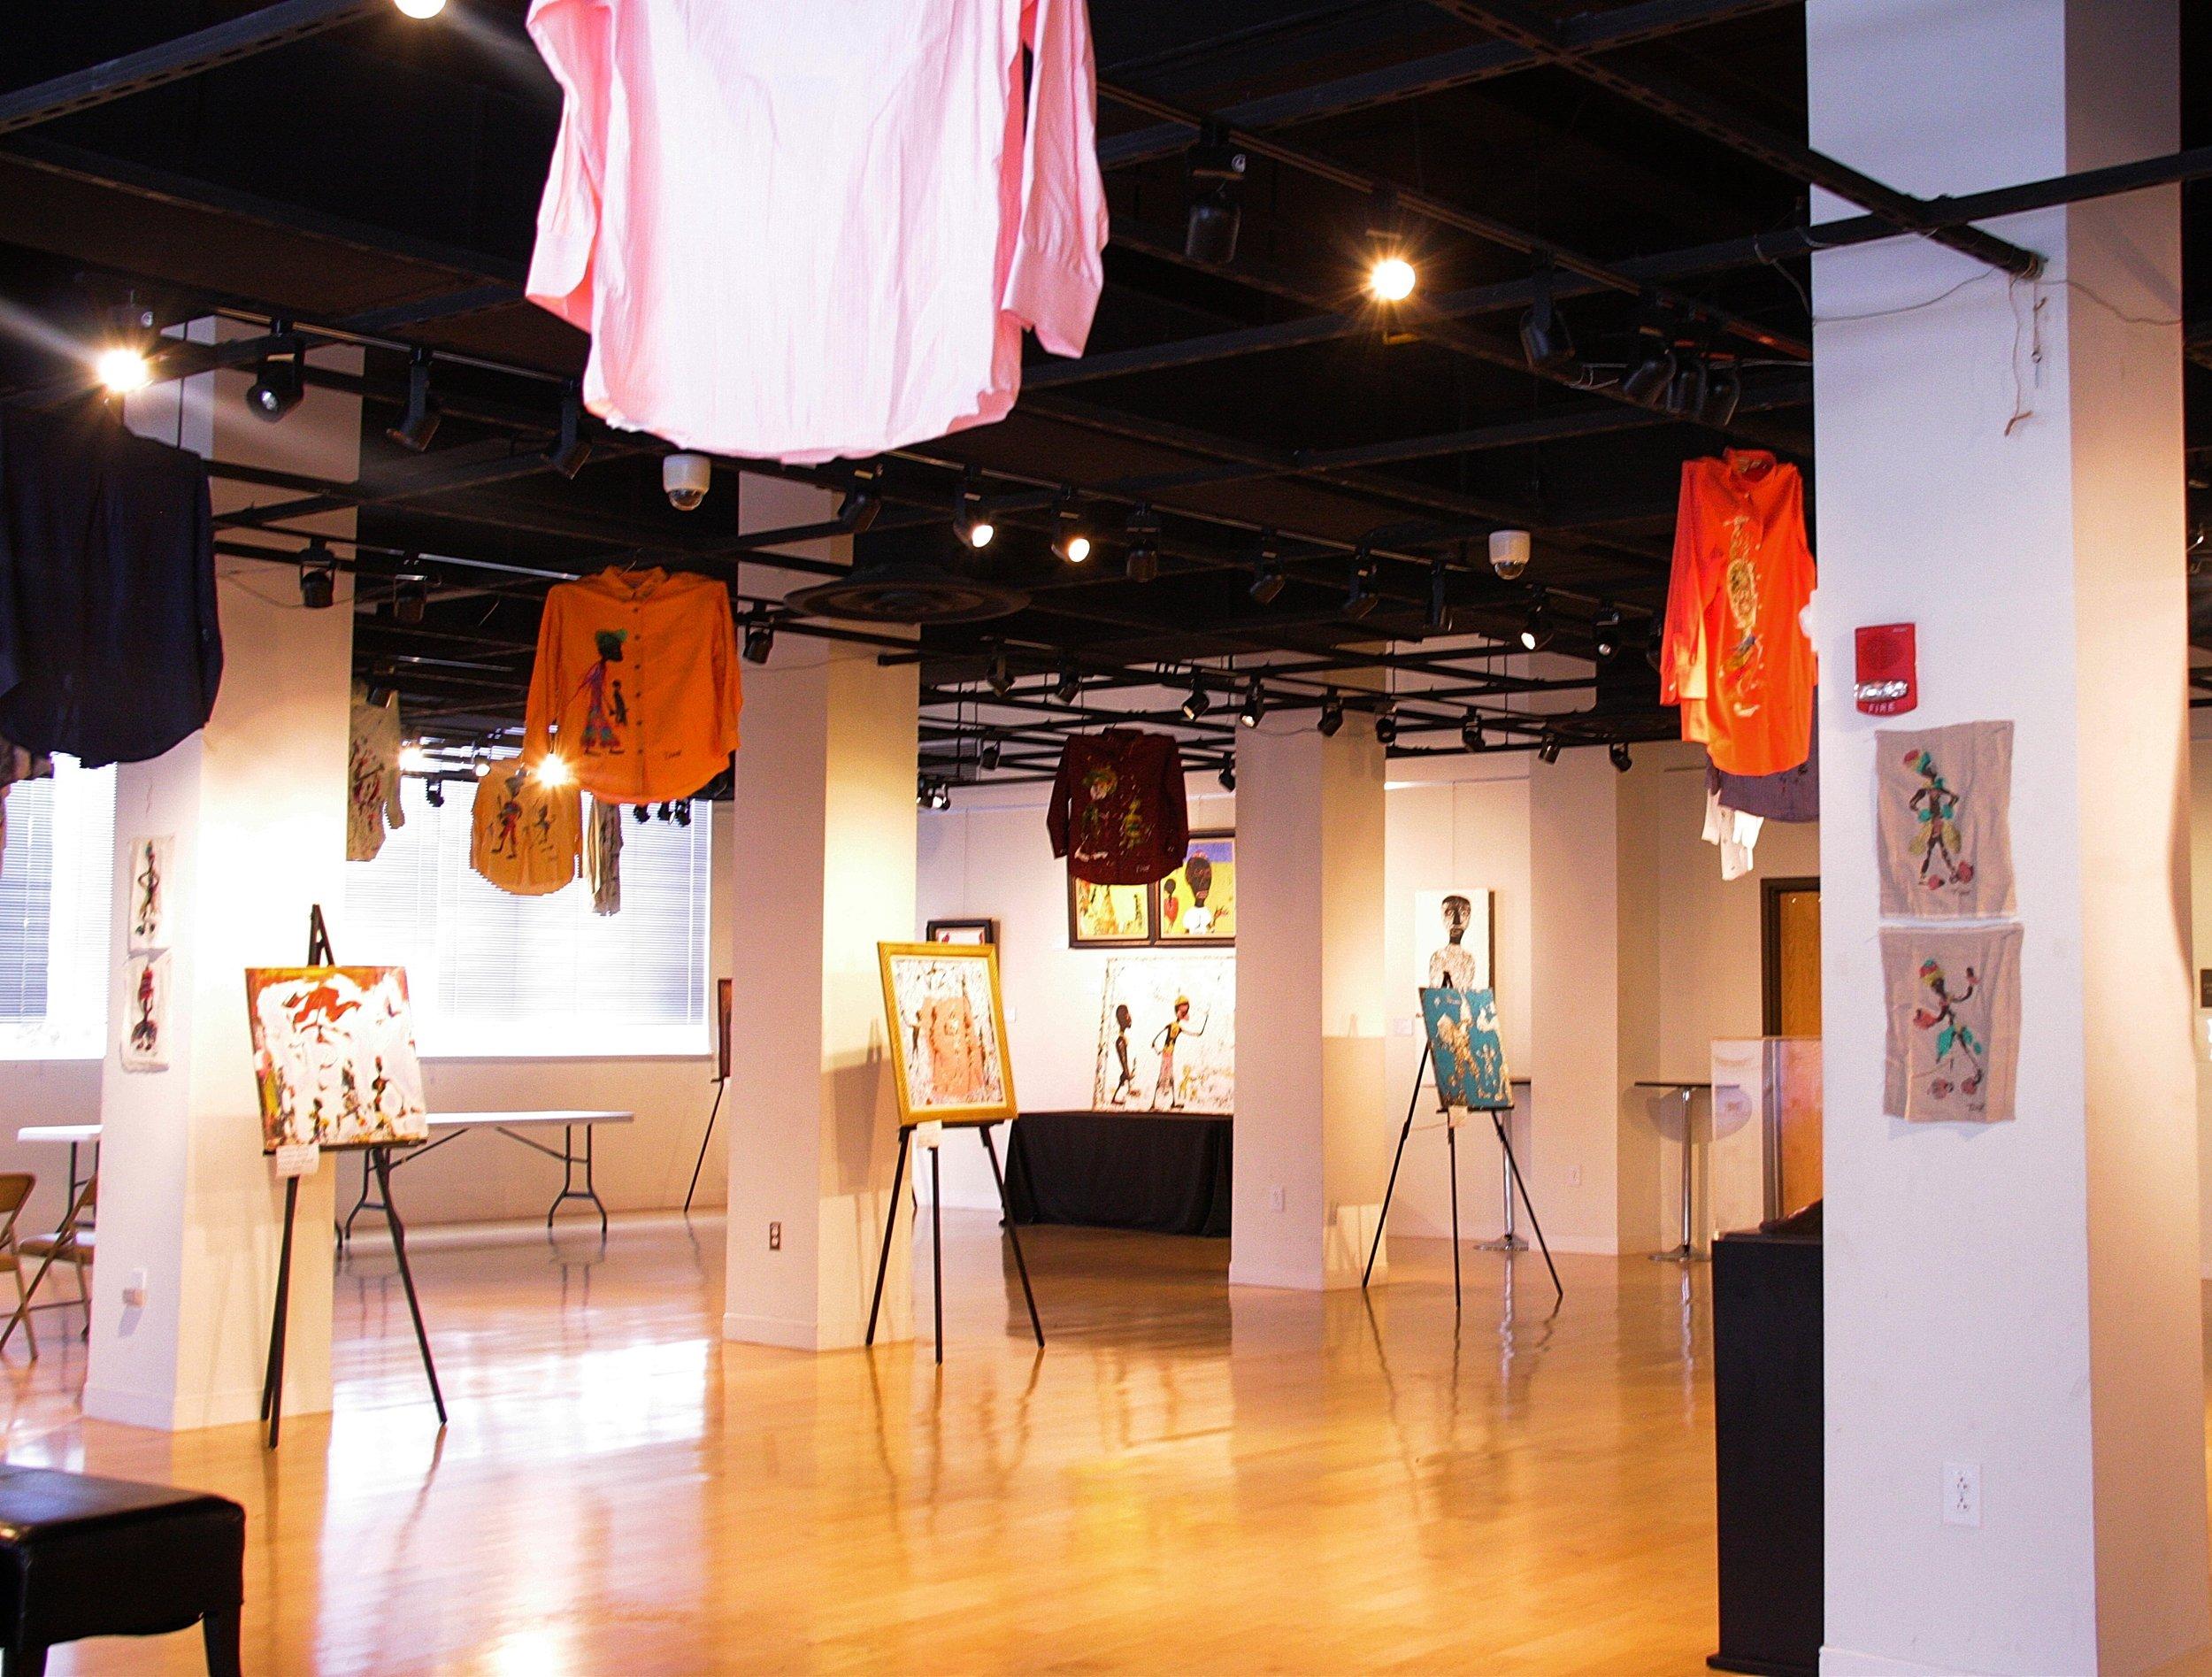 Heath Exhibit art in situ (2).jpg